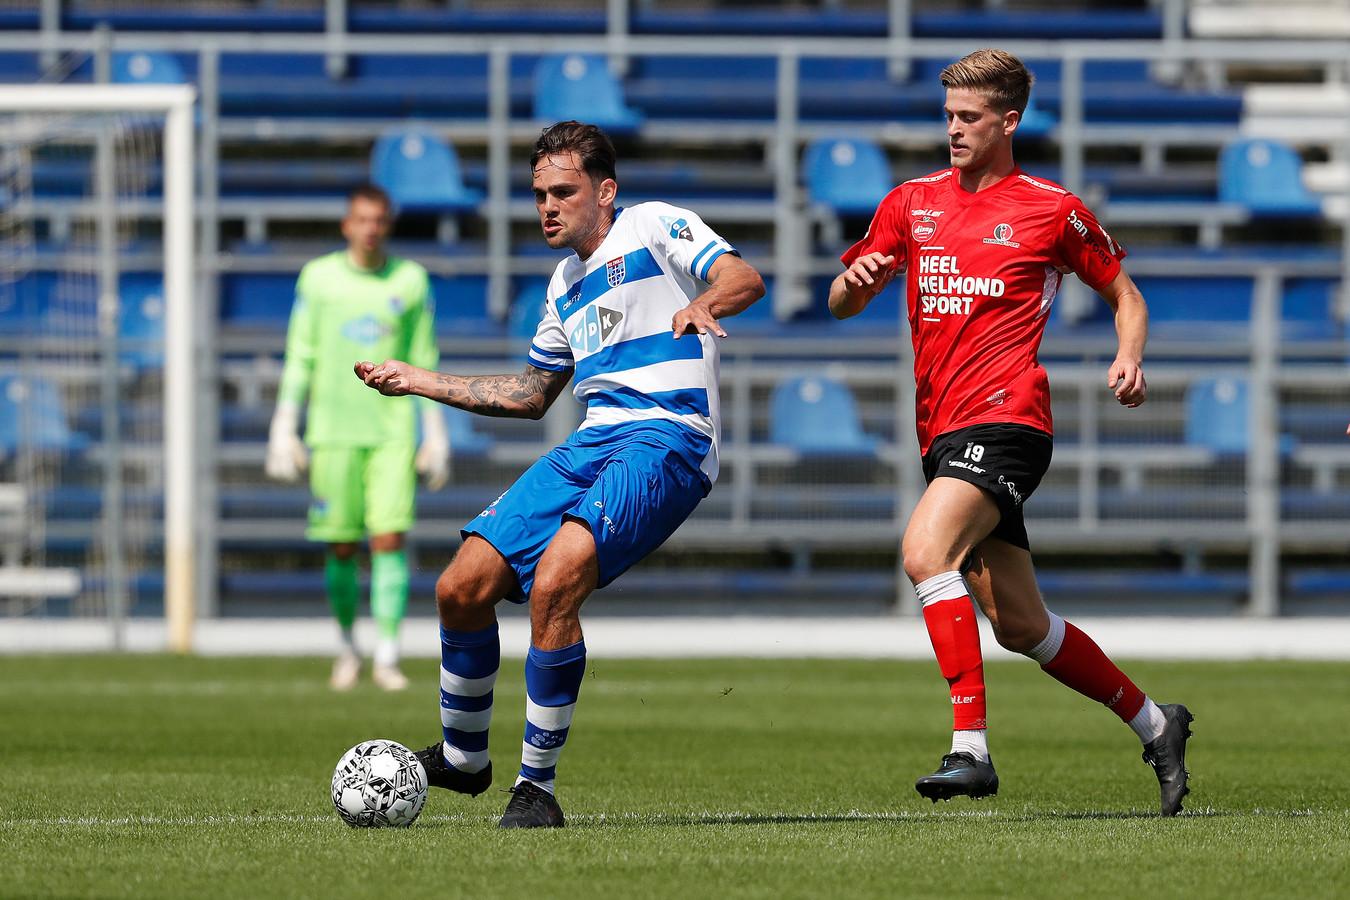 Ook Jelle Goselink kon niet scoren voor Helmond Sport tegen PEC Zwolle: 3-0.